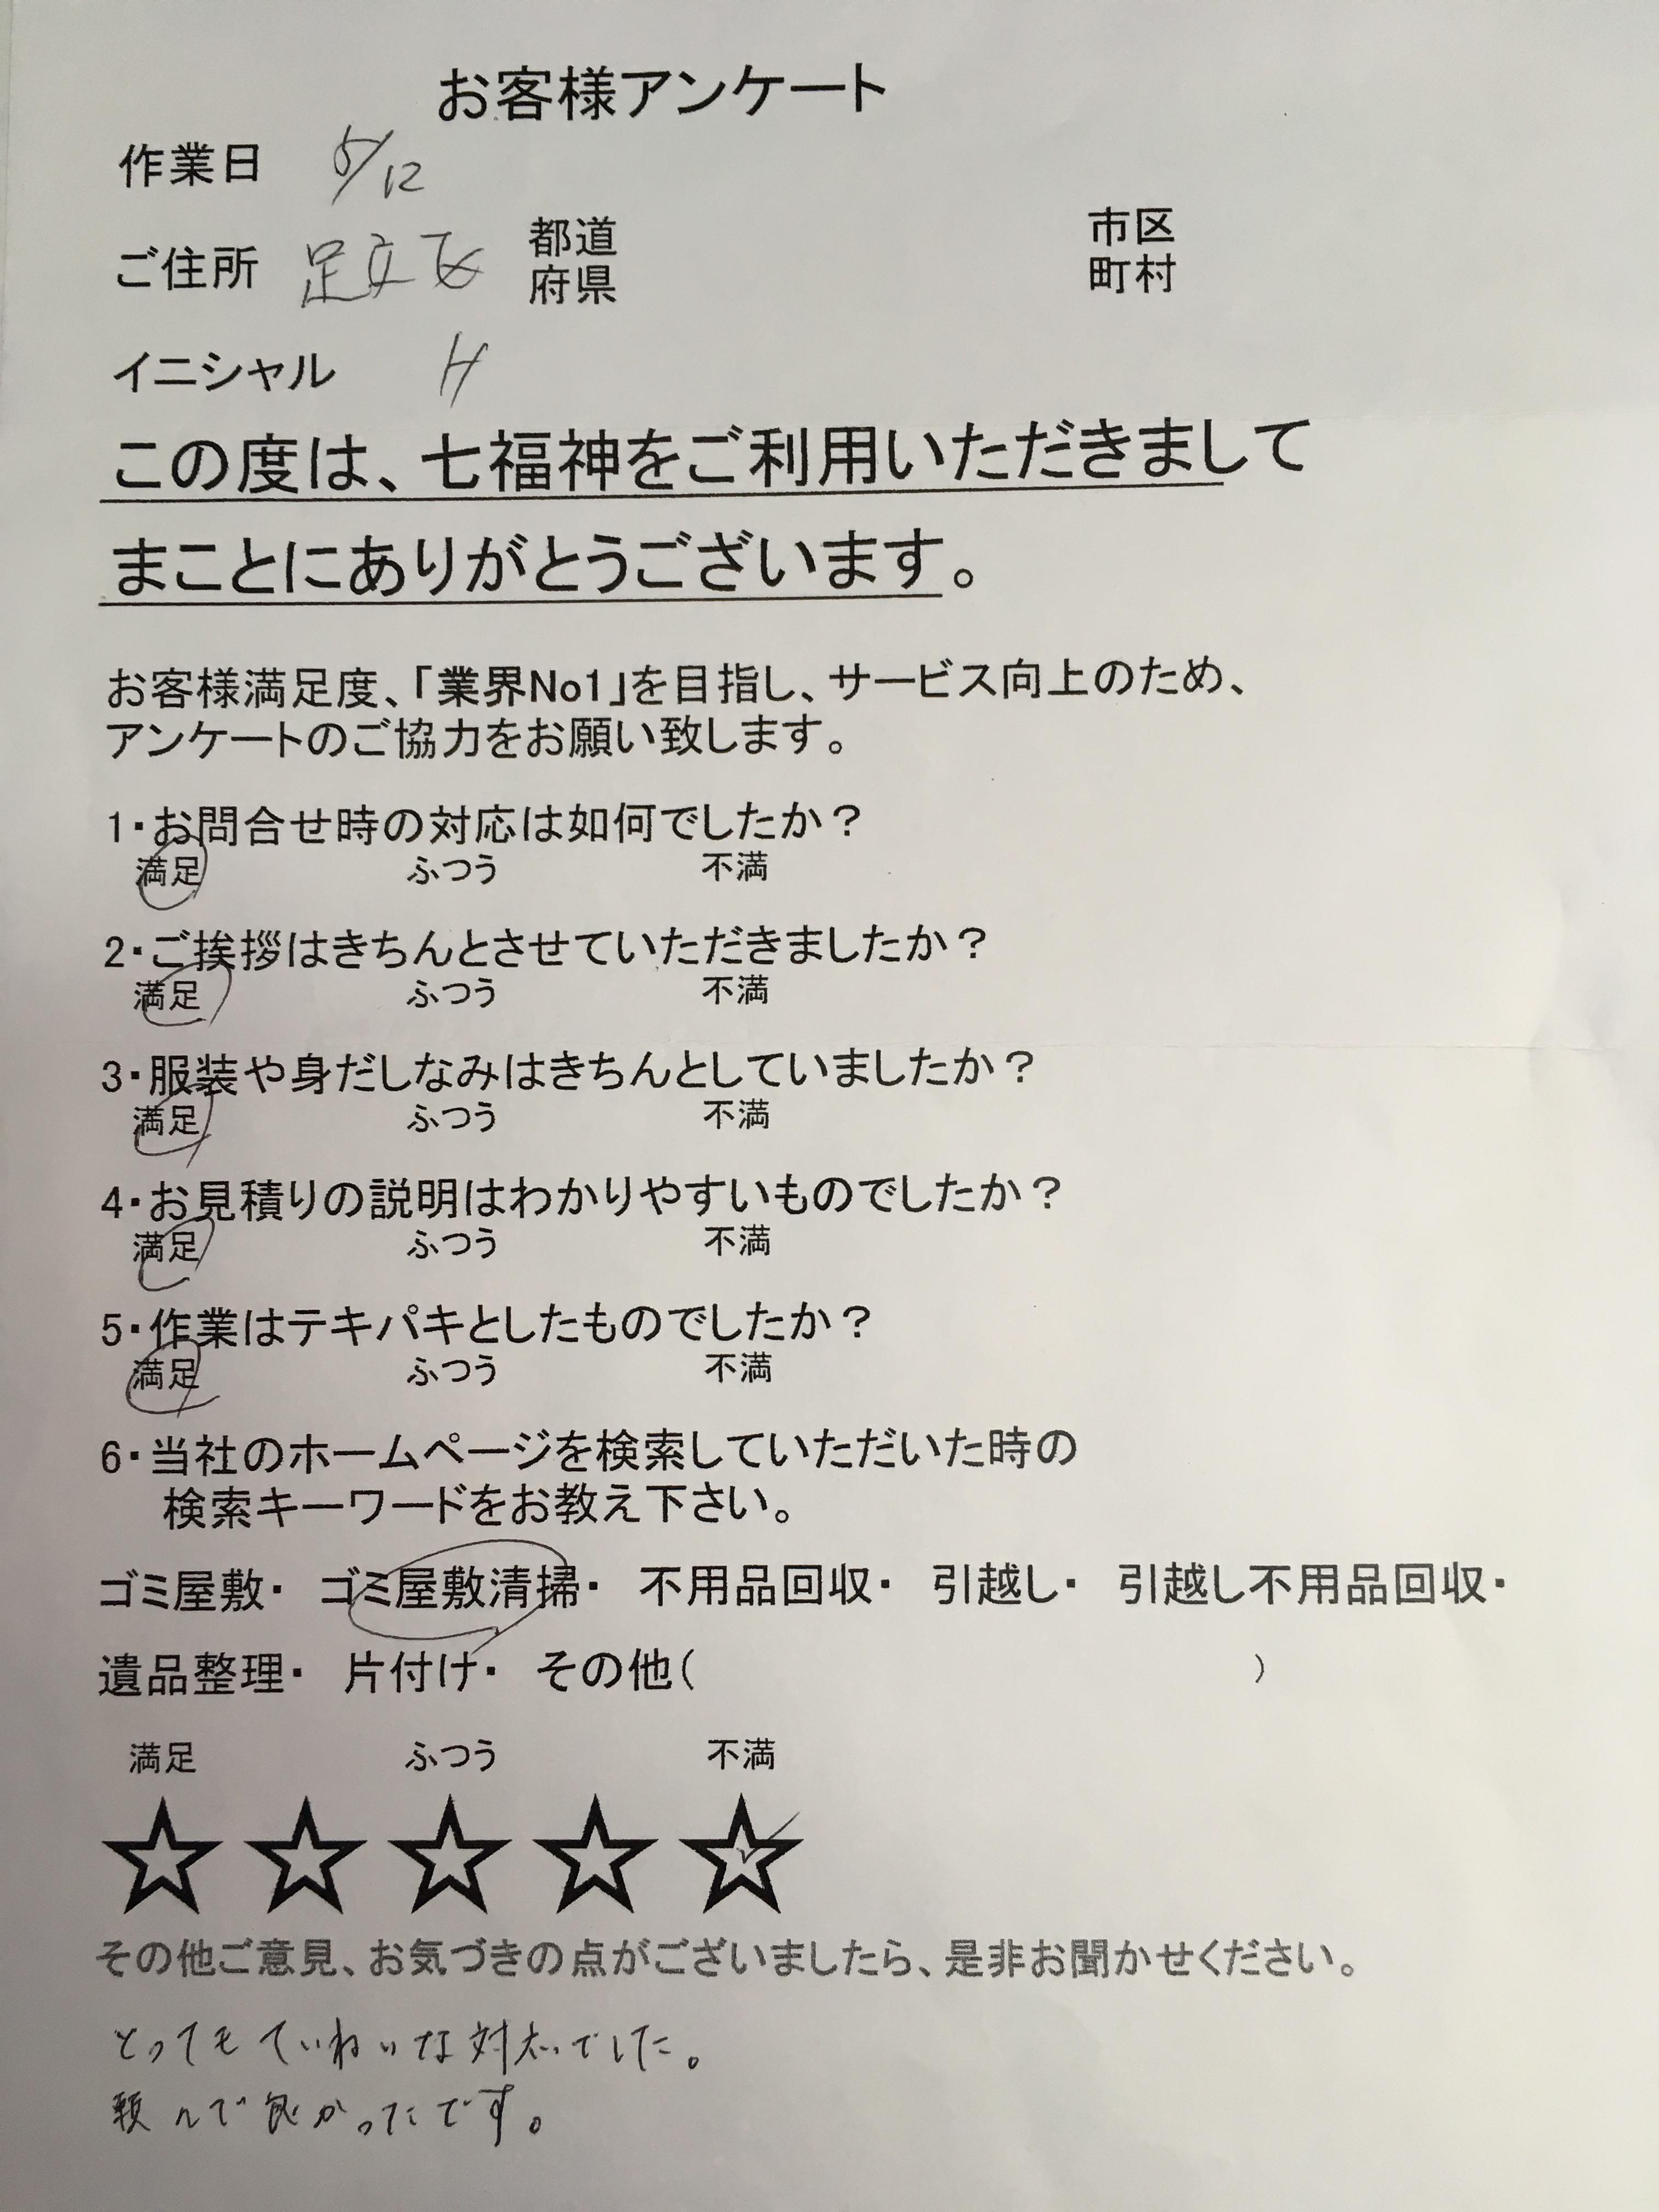 お客様 アンケート 東京都 足立区 Hさま